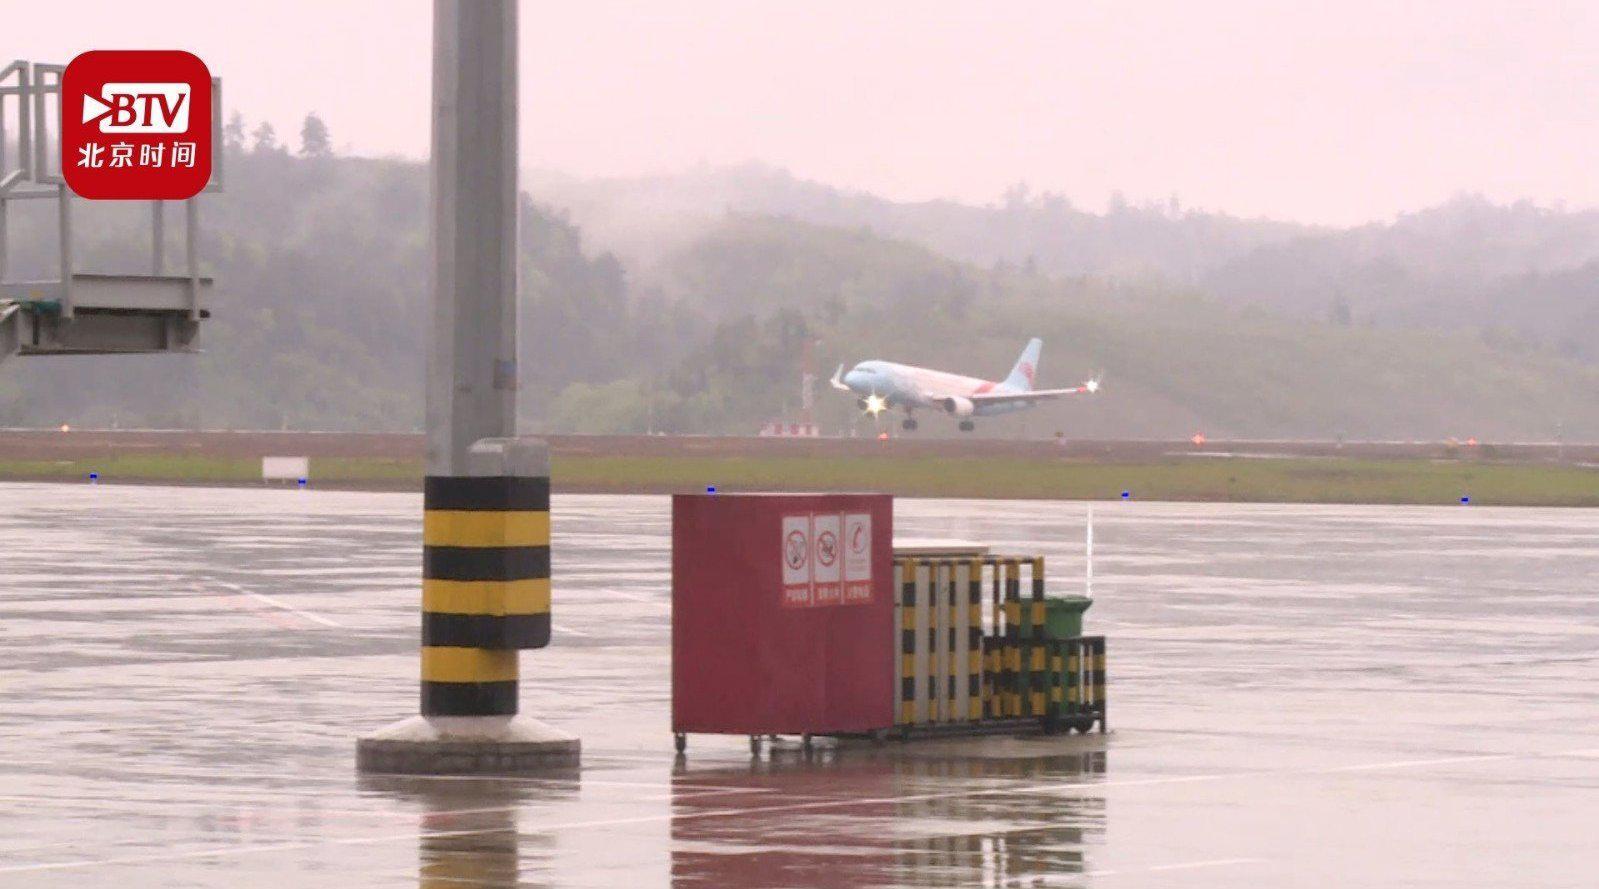 视频-湖北十堰武当山机场复航